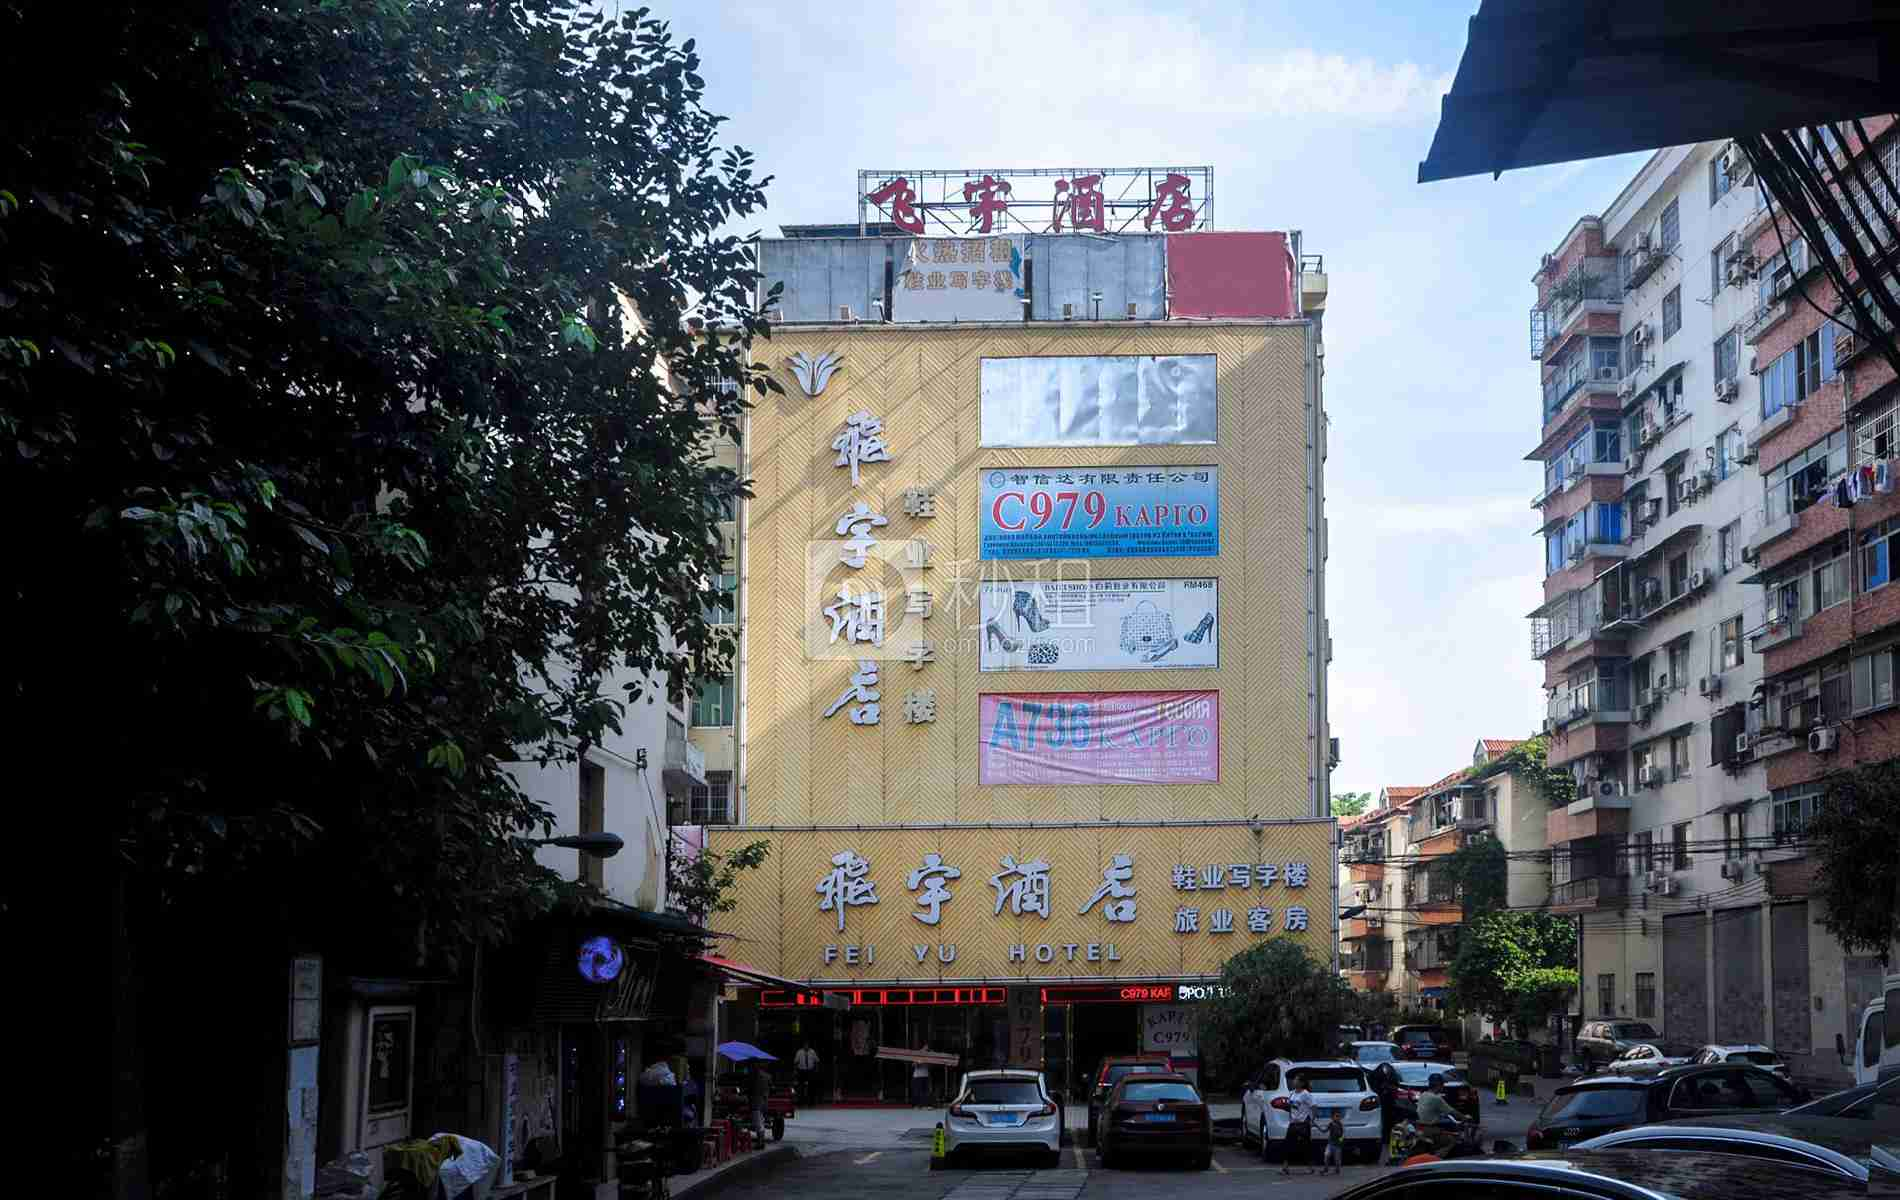 飞宇酒店写字楼出租/招租/租赁,飞宇酒店办公室出租/招租/租赁